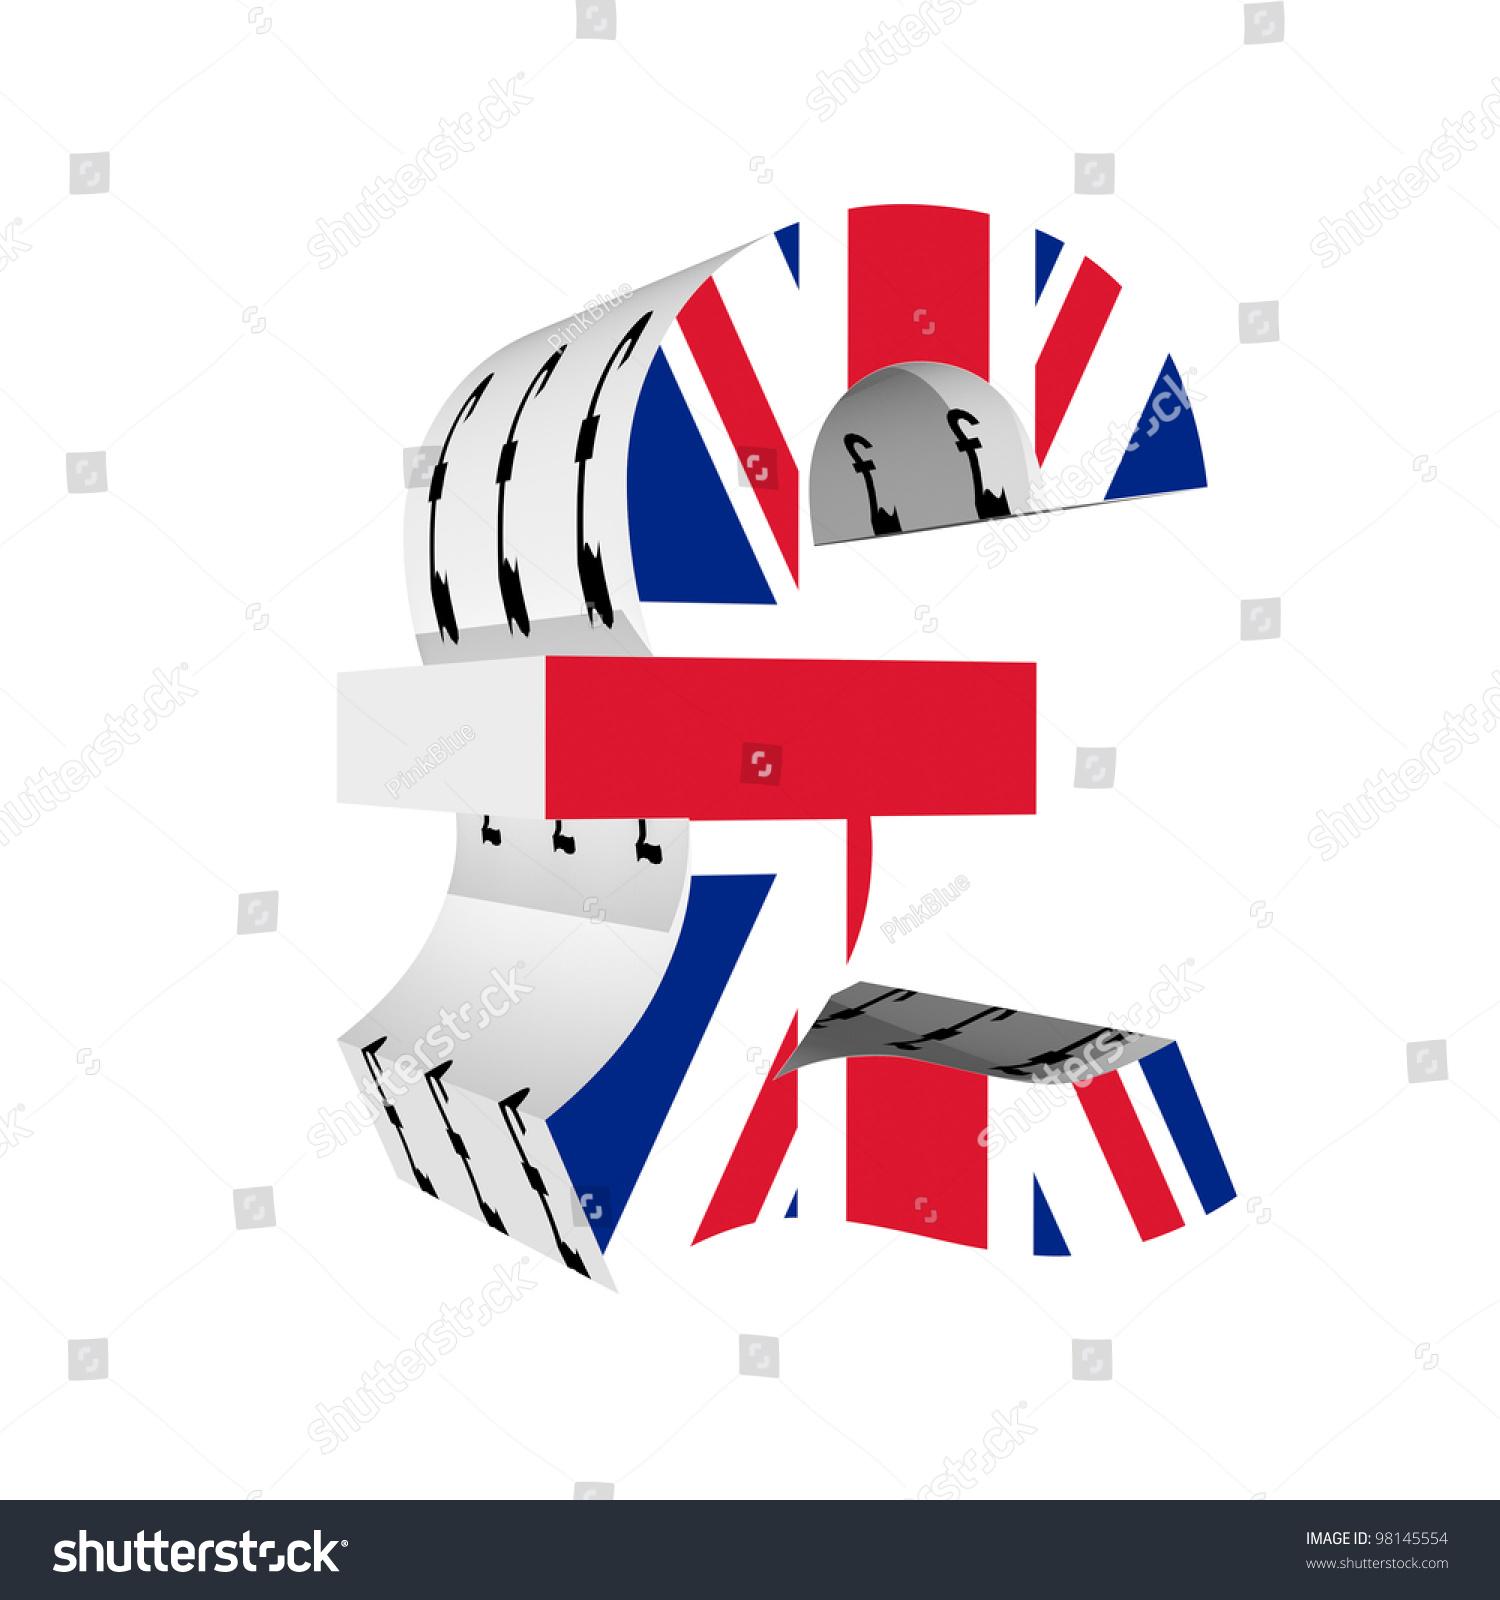 Pound symbol uk flag 3d isolated stock illustration 98145554 pound symbol with uk flag 3d isolated on white background buycottarizona